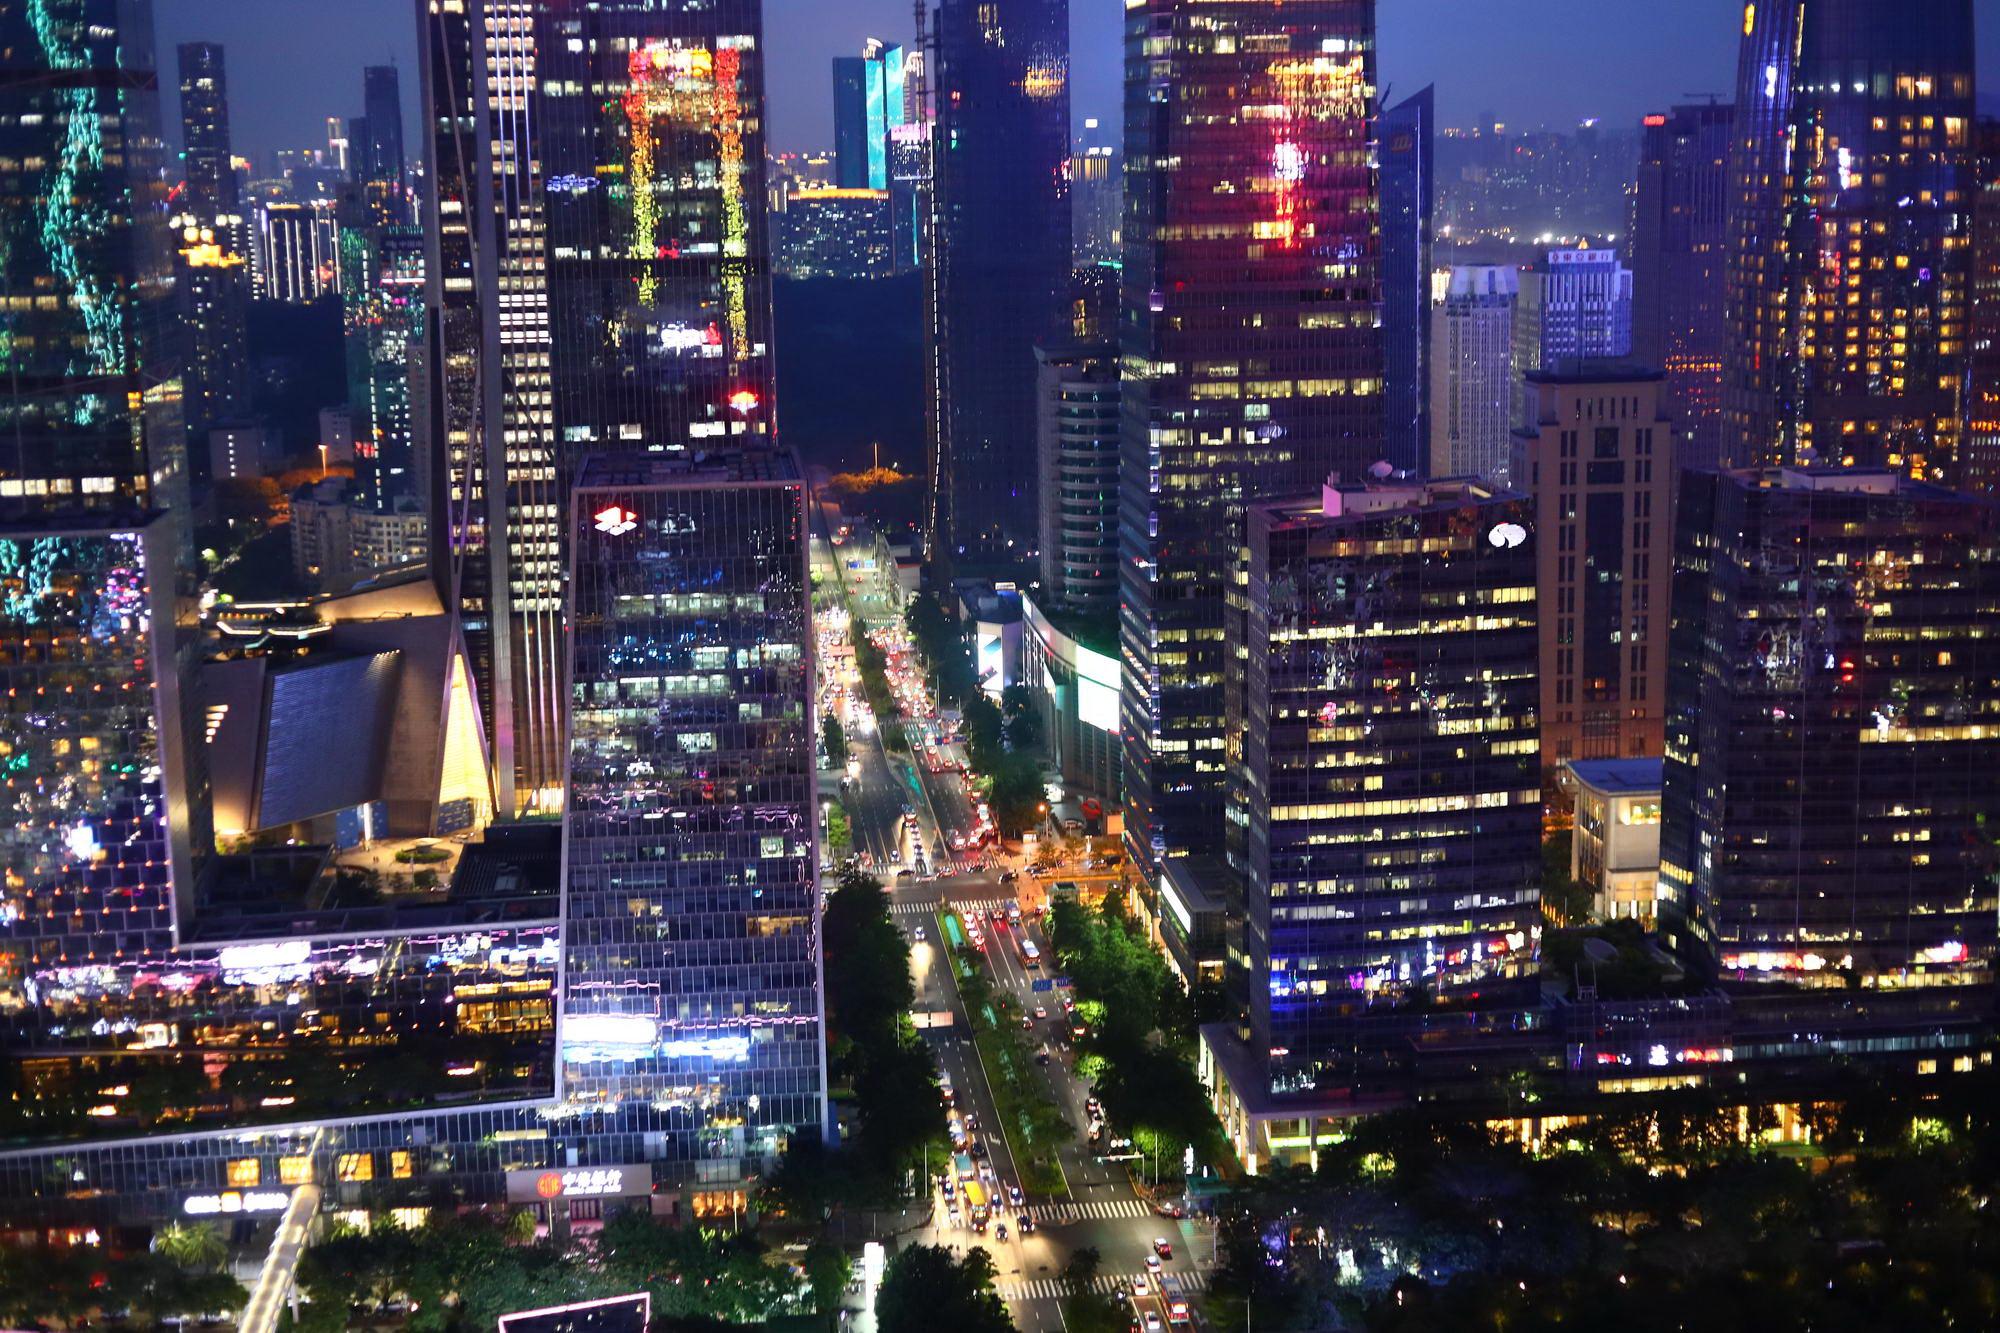 重庆10部门发文:联动大型电商打造线上夜间消费平台_零售_电商报